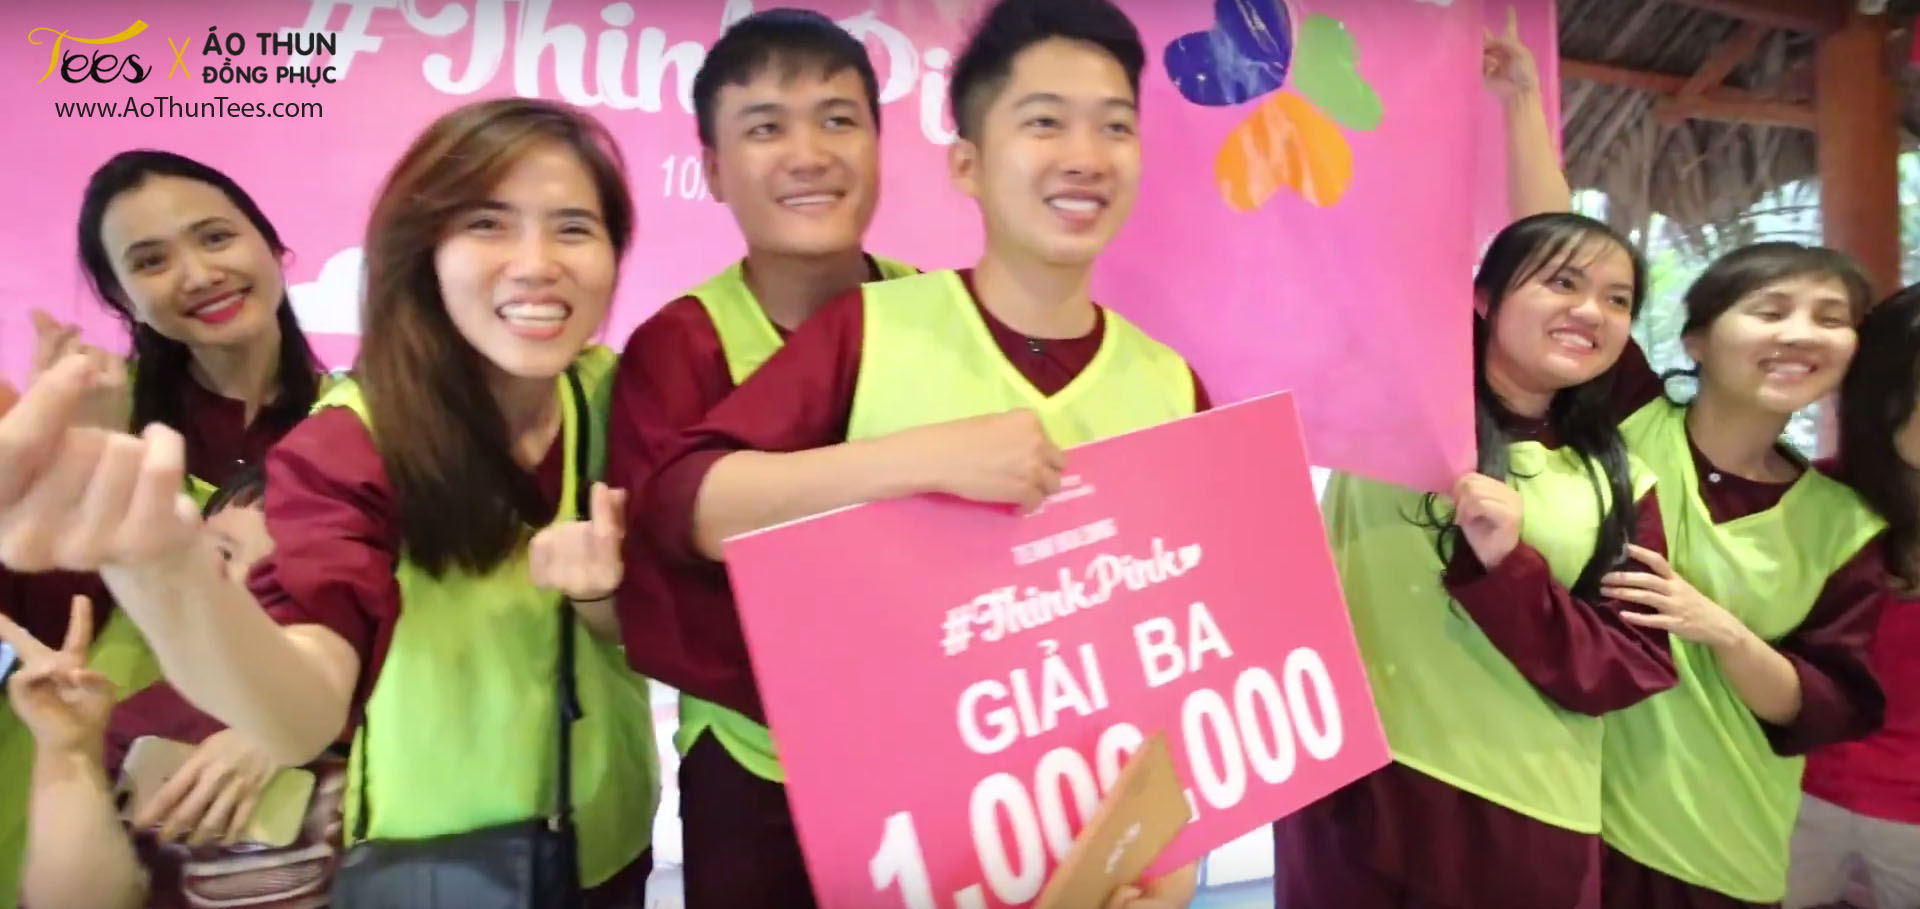 thinkpink marryvn10 - Ửng hồng áo thun Teambuilding #ThinkPink – Marry.vn